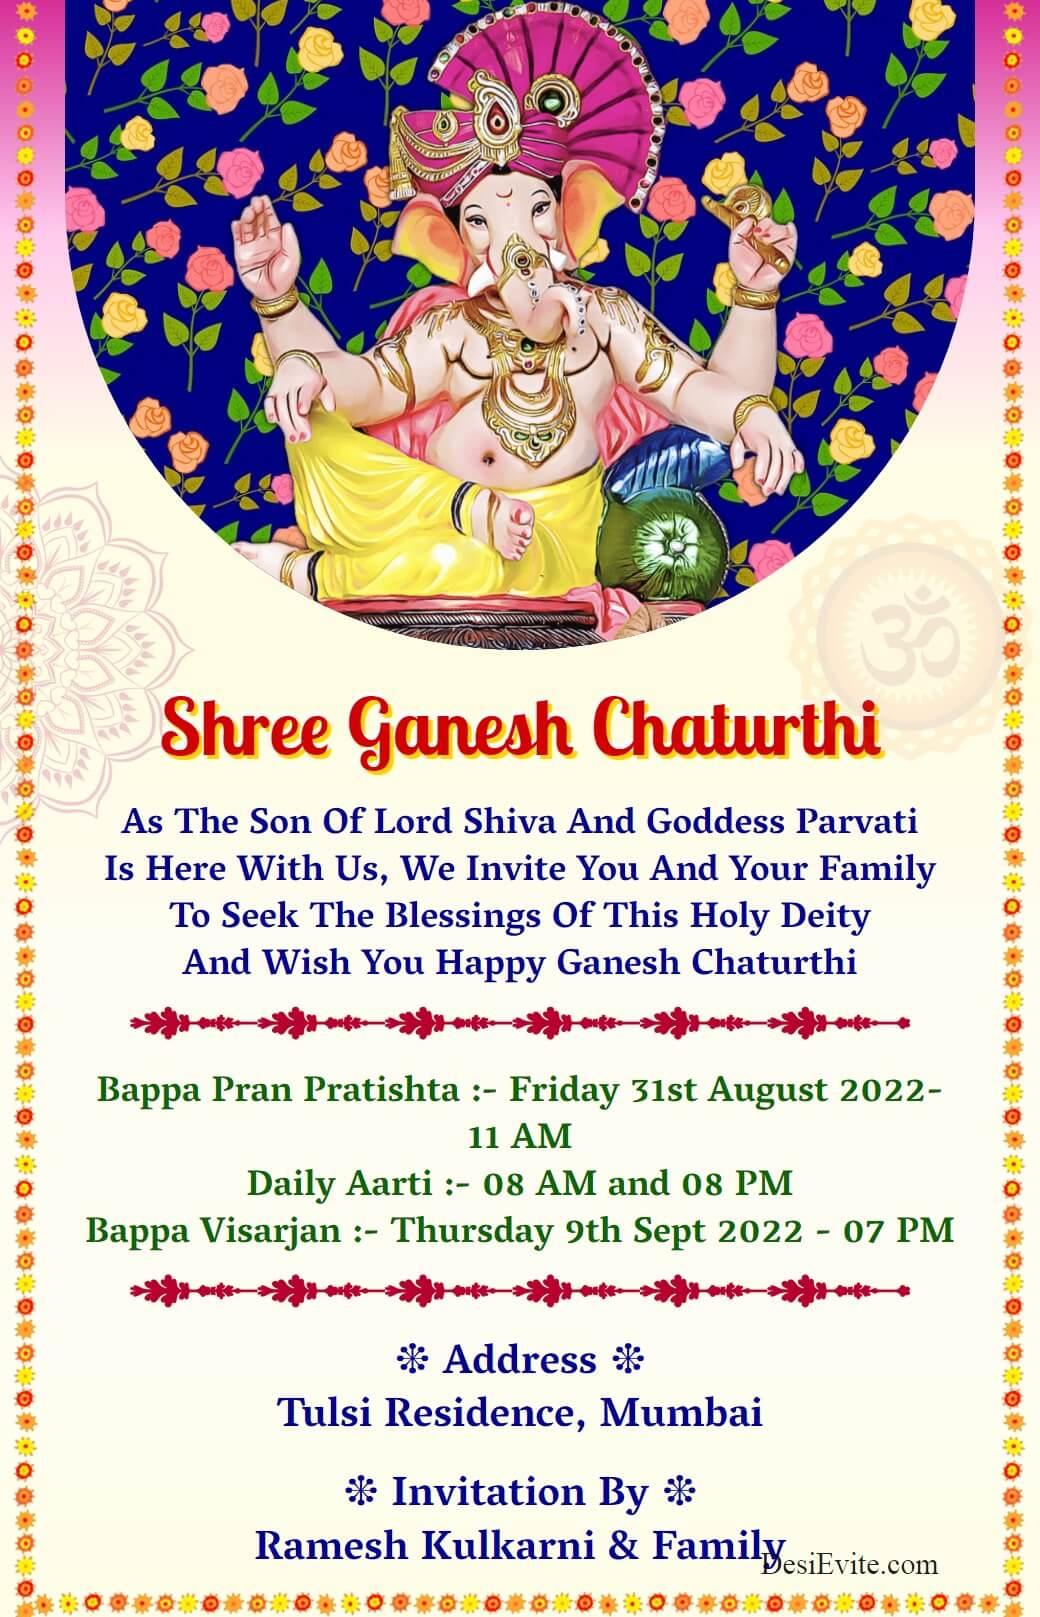 Ganesh chaturthi 2021 card fresh pleasant theme